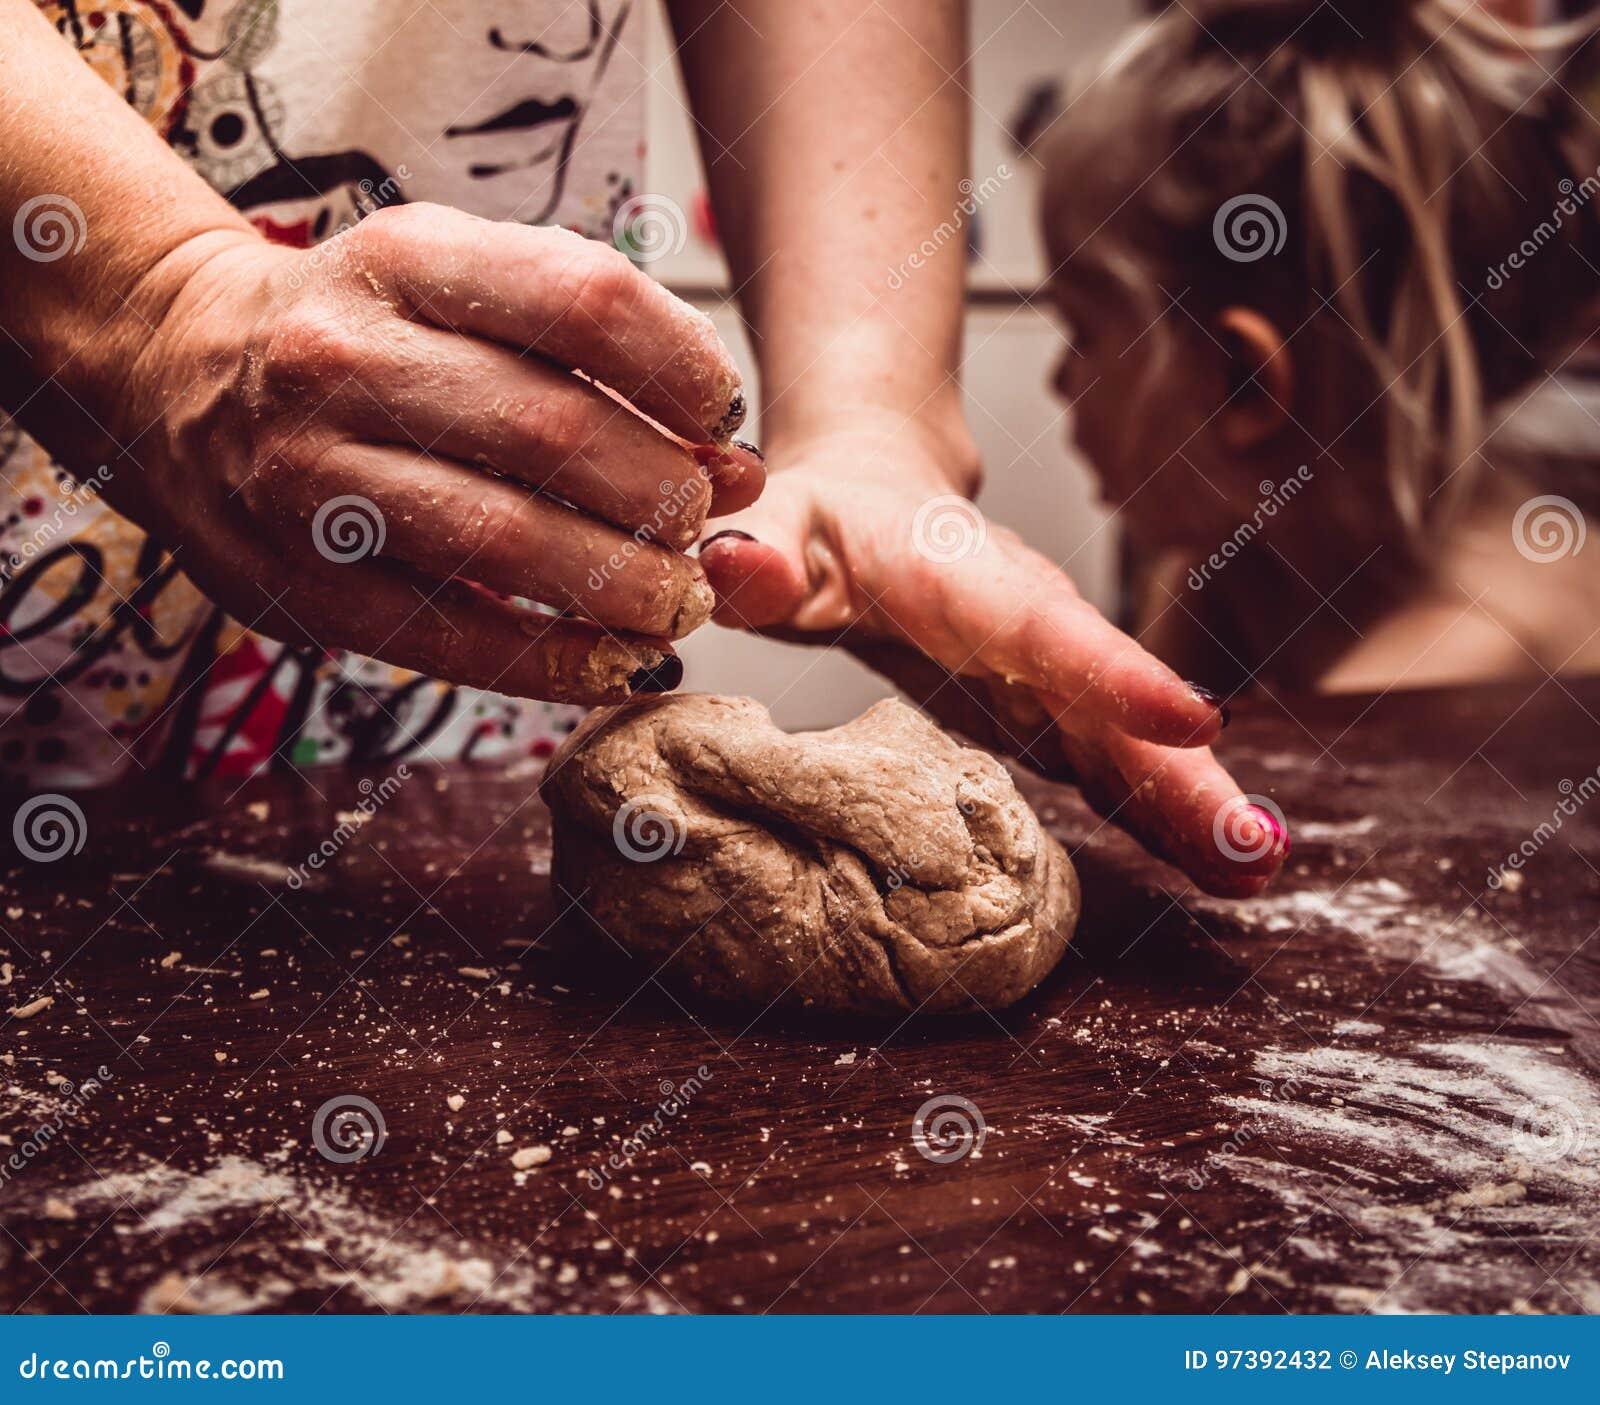 Las manos amasan hábilmente la pasta